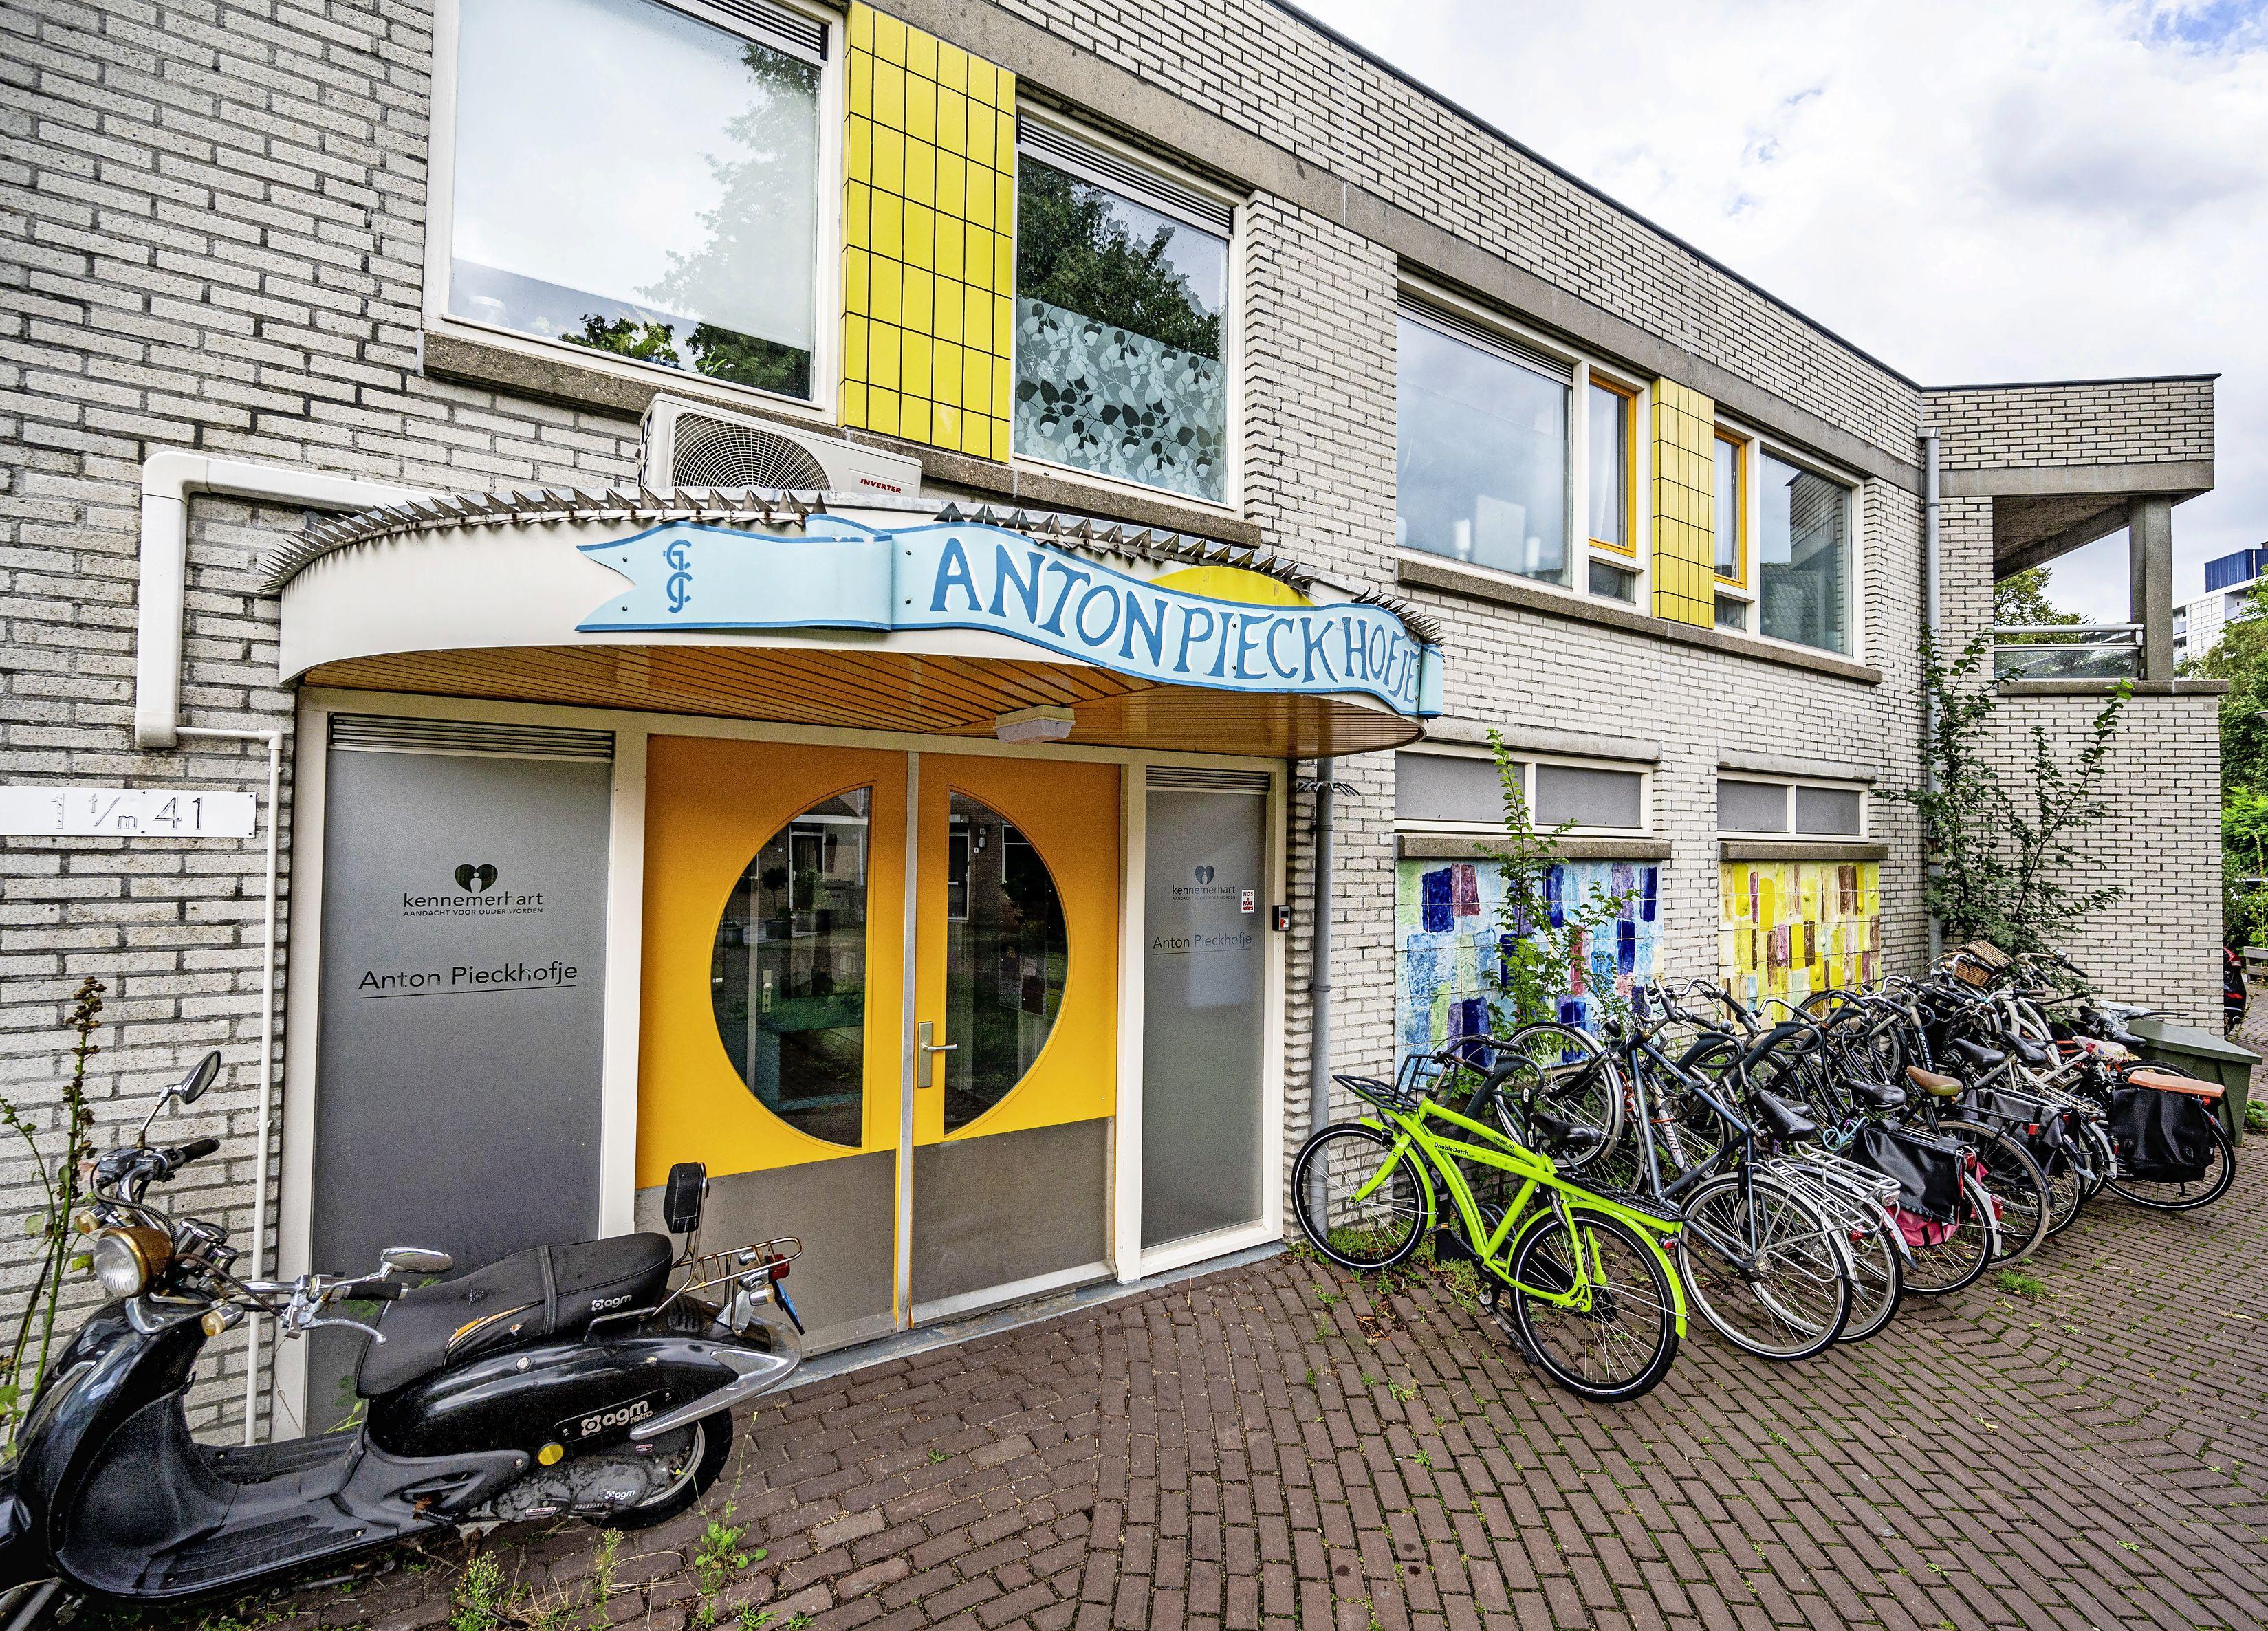 In de leegstaande appartementen van het Anton Pieckhofje in Schalkwijk komen vanaf zondag daklozen te wonen, ondanks bezwaren van omwonenden